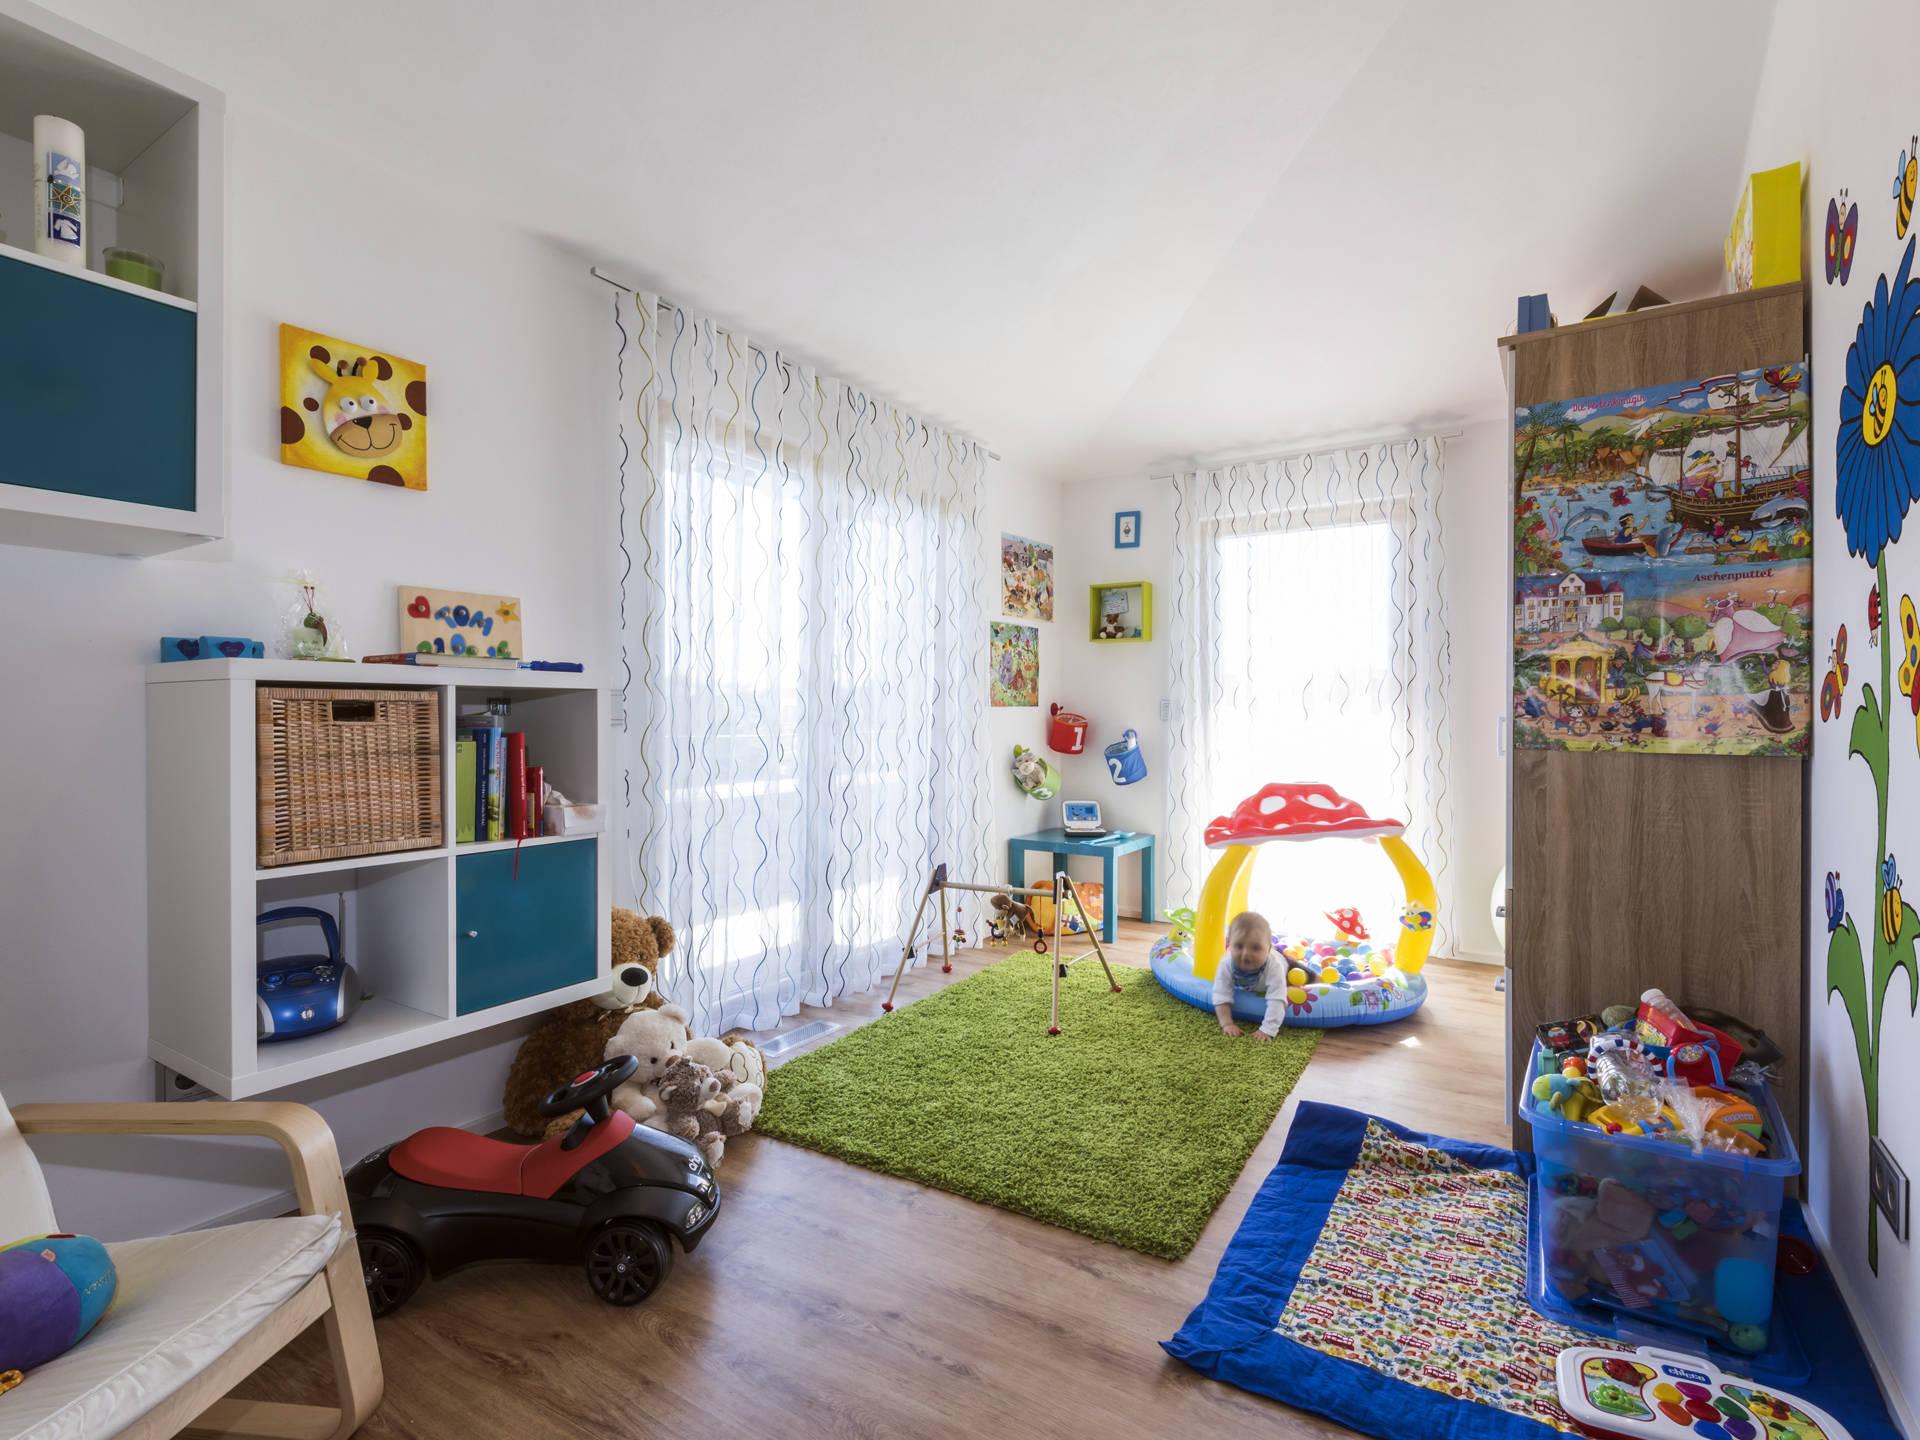 Stadtvilla dornhan kitzlingerhaus - Kinderzimmer impressionen ...